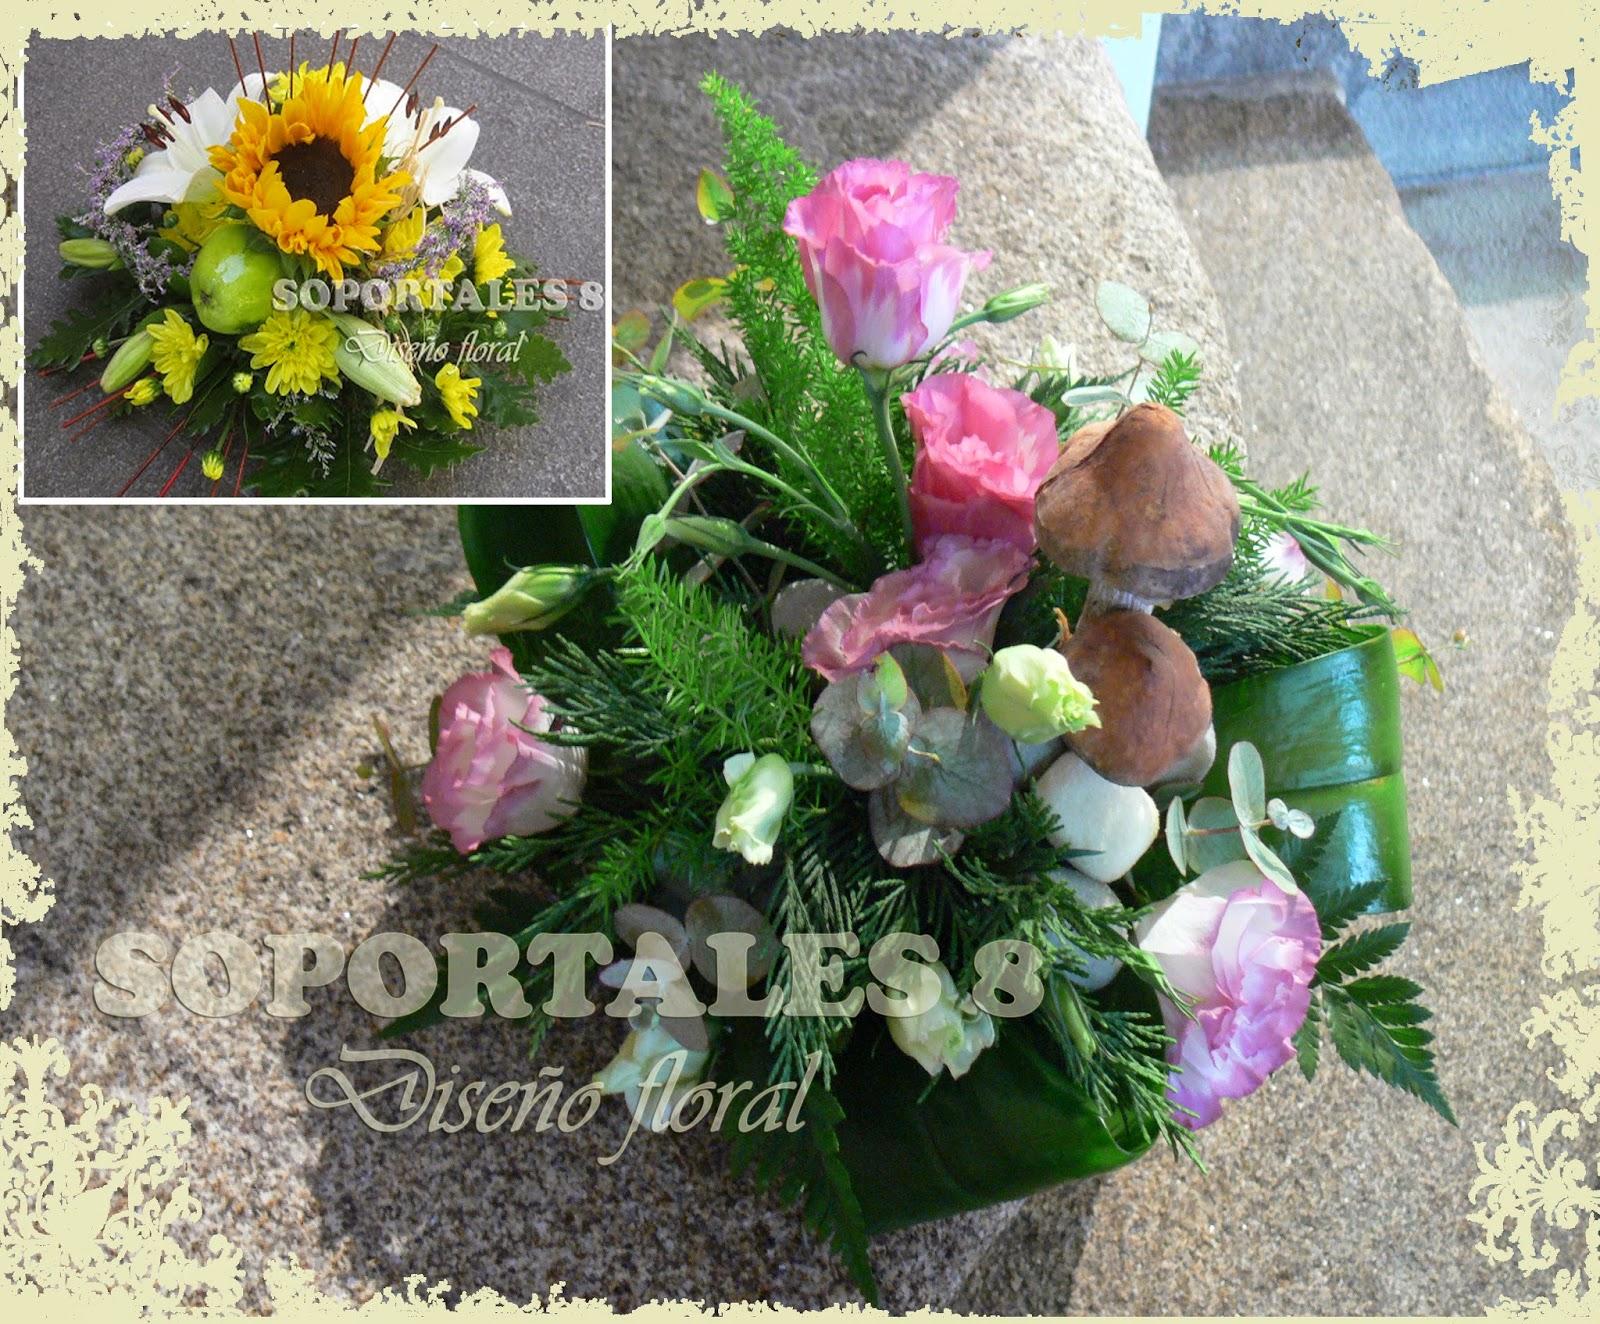 SOPORTALES 8 Diseño floral: septiembre 2013